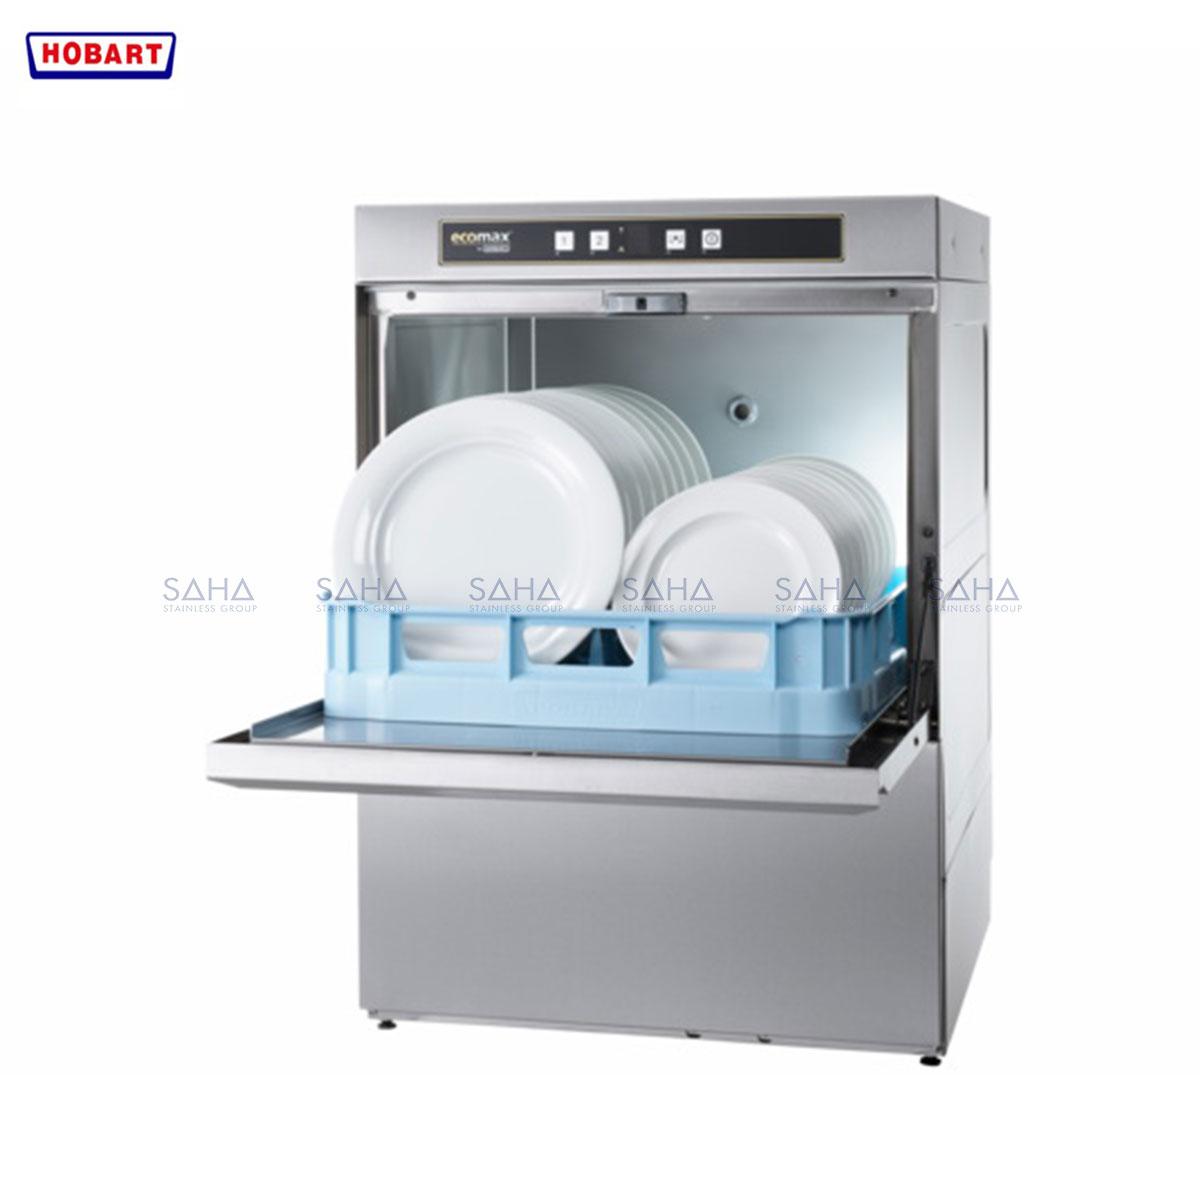 Hobart - Dishwasher - ECOMAX F504